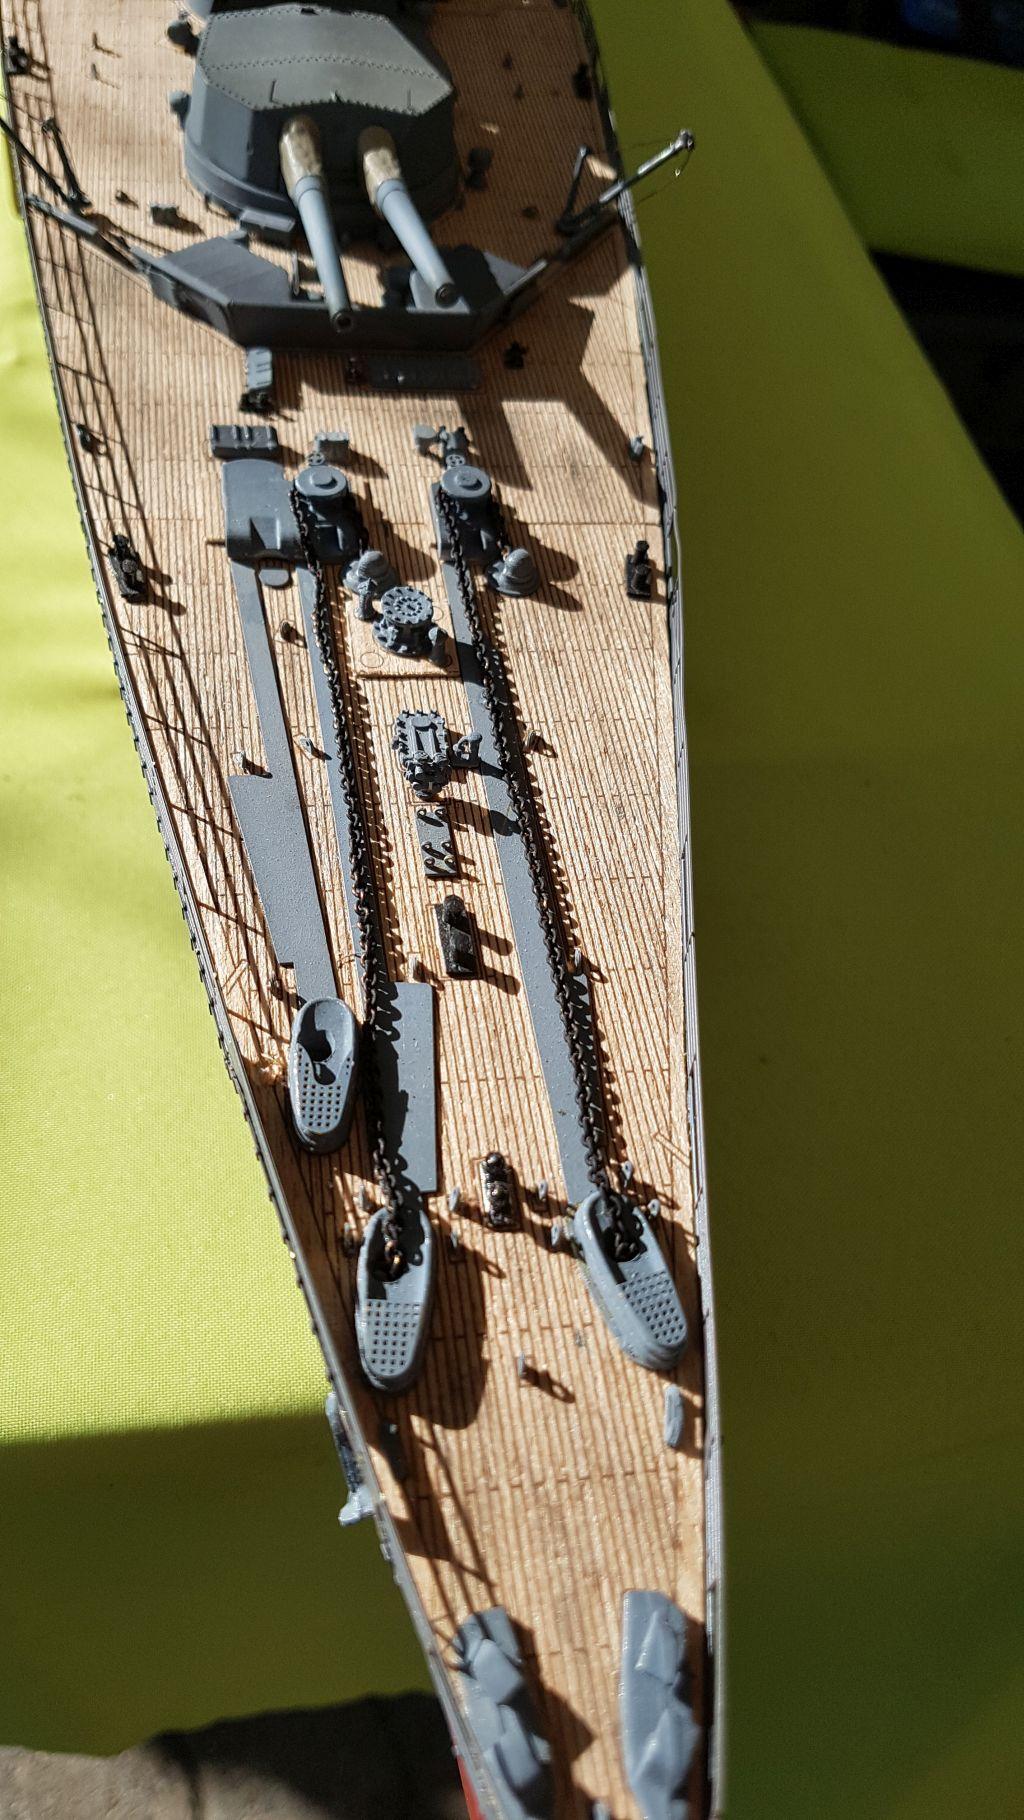 HMS HOOD 1:200 von Hachette gebaut von arrowsmodell - Seite 10 019_ho10